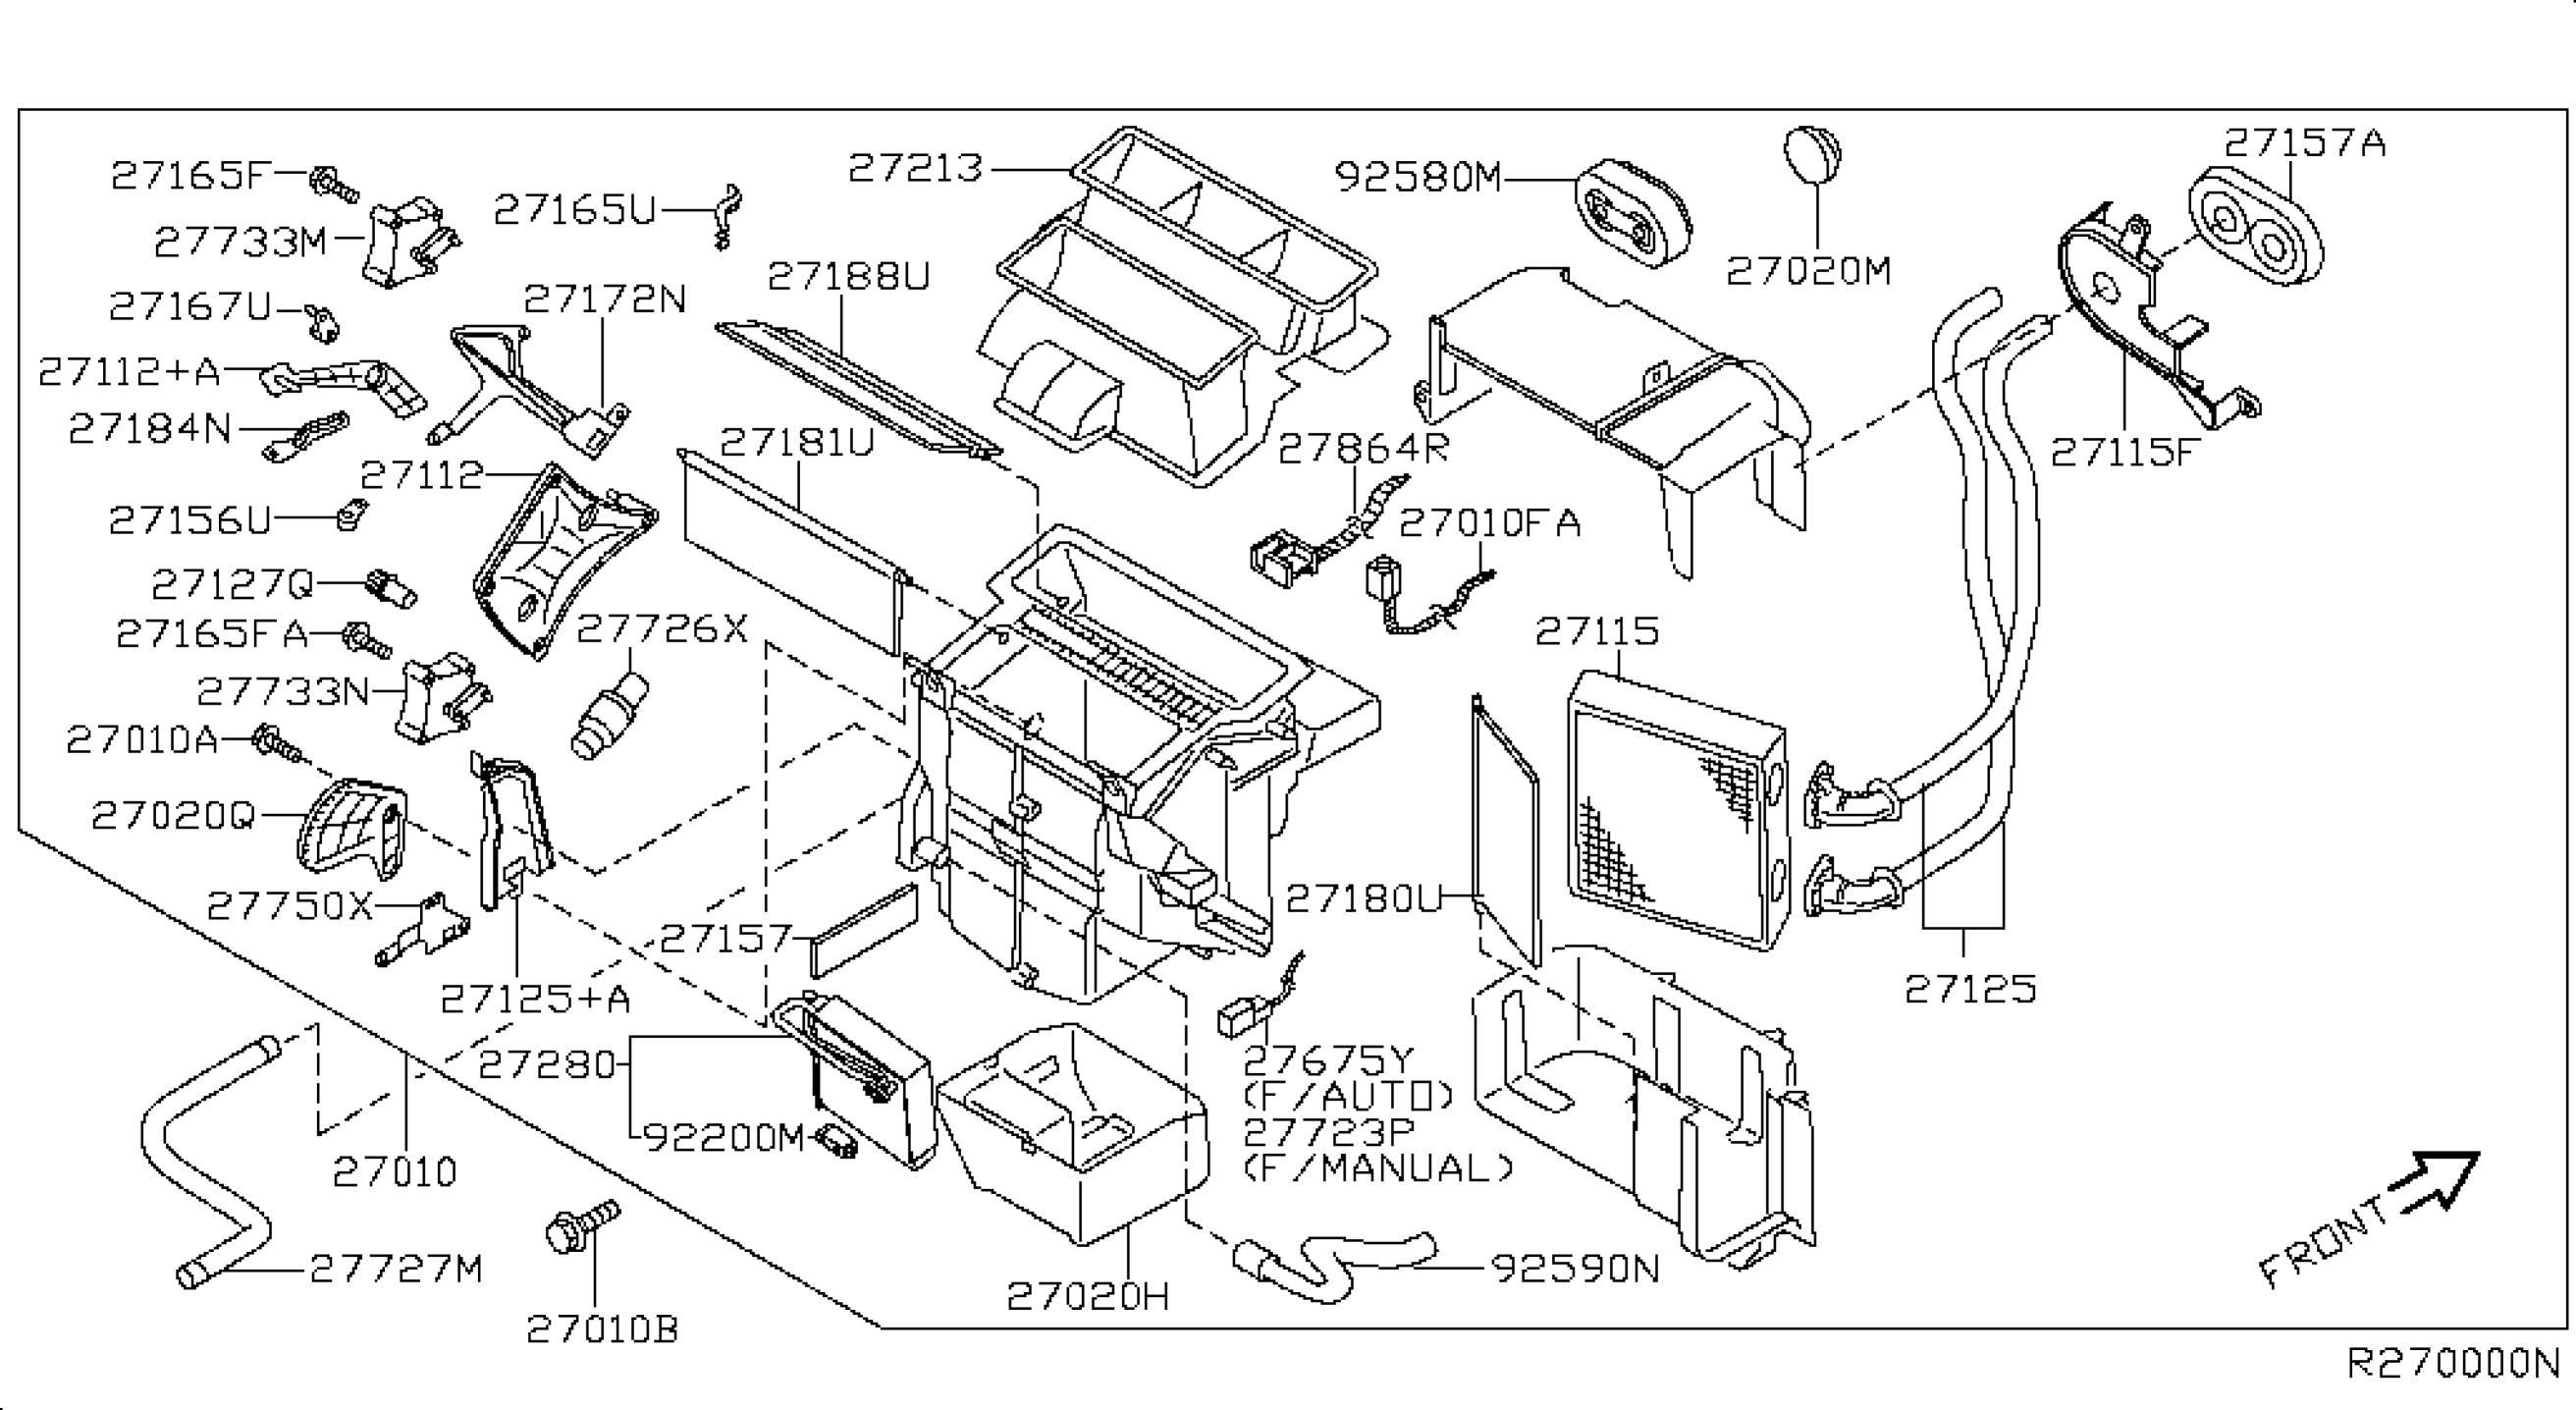 34 Nissan Maxima Parts Diagram